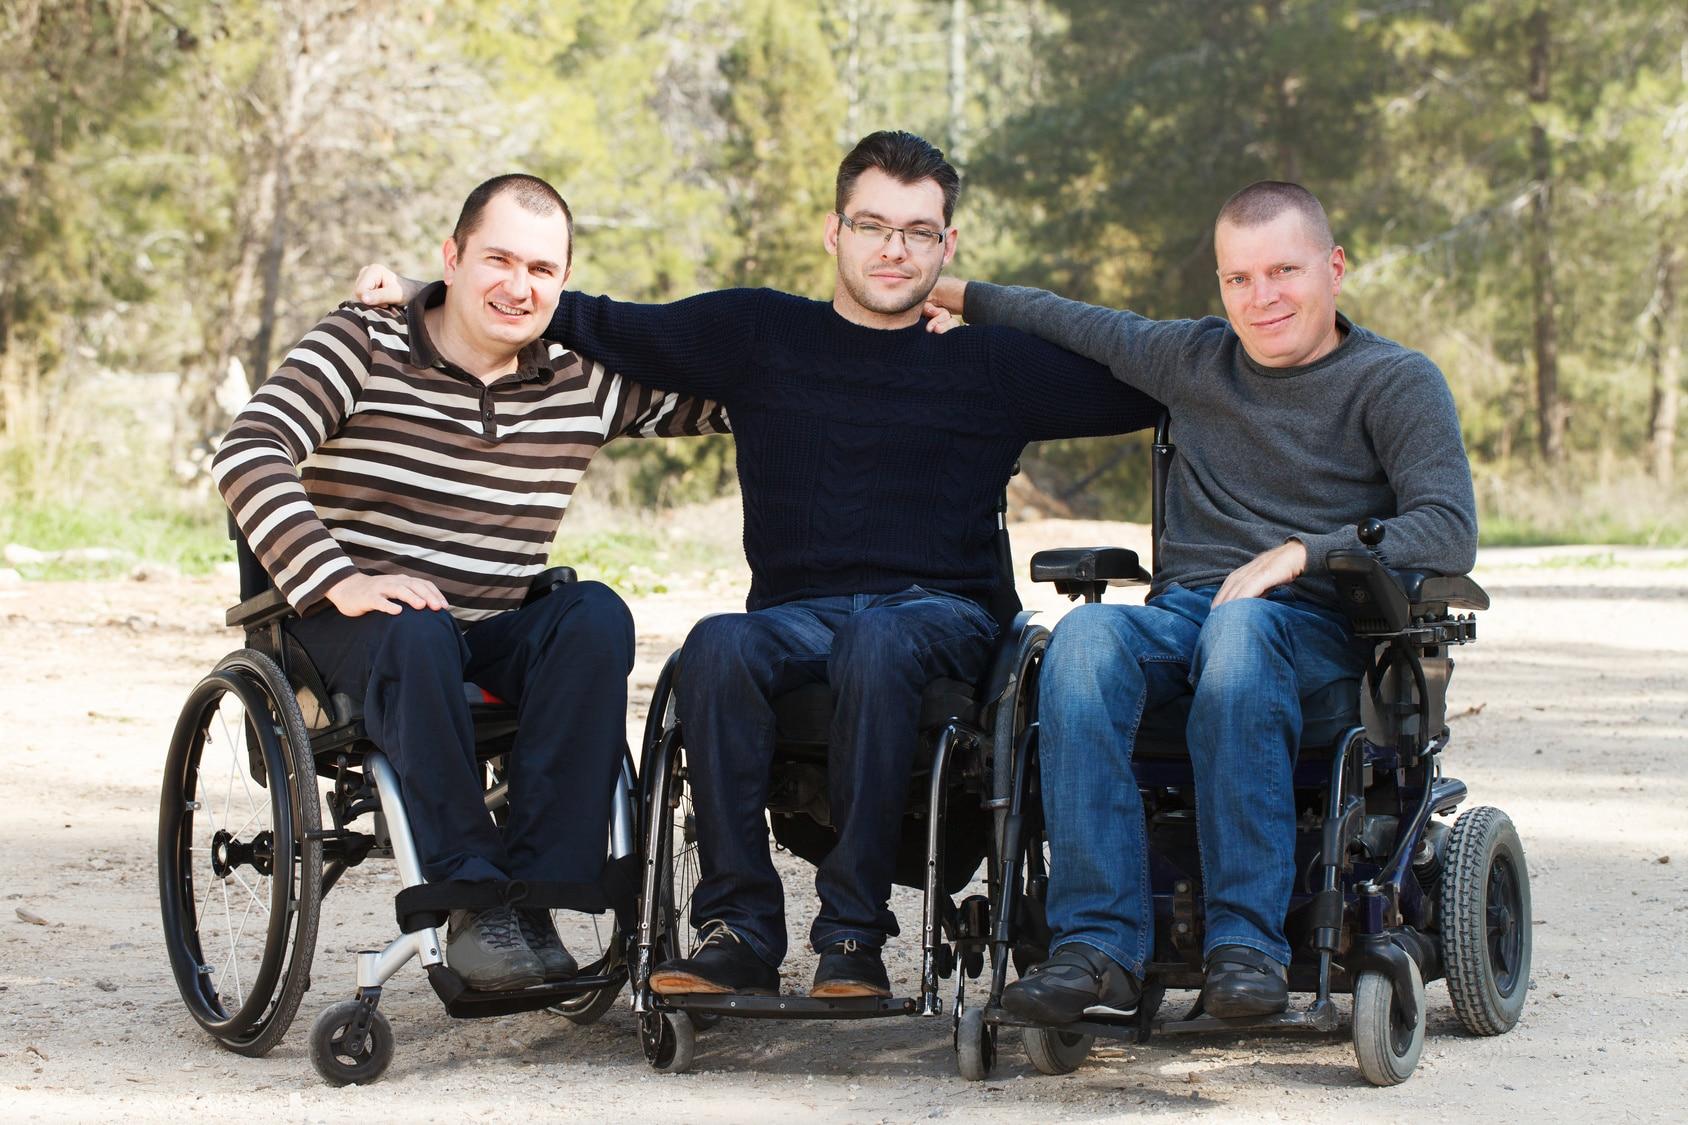 Luis guillermo quadriplegic sexual health